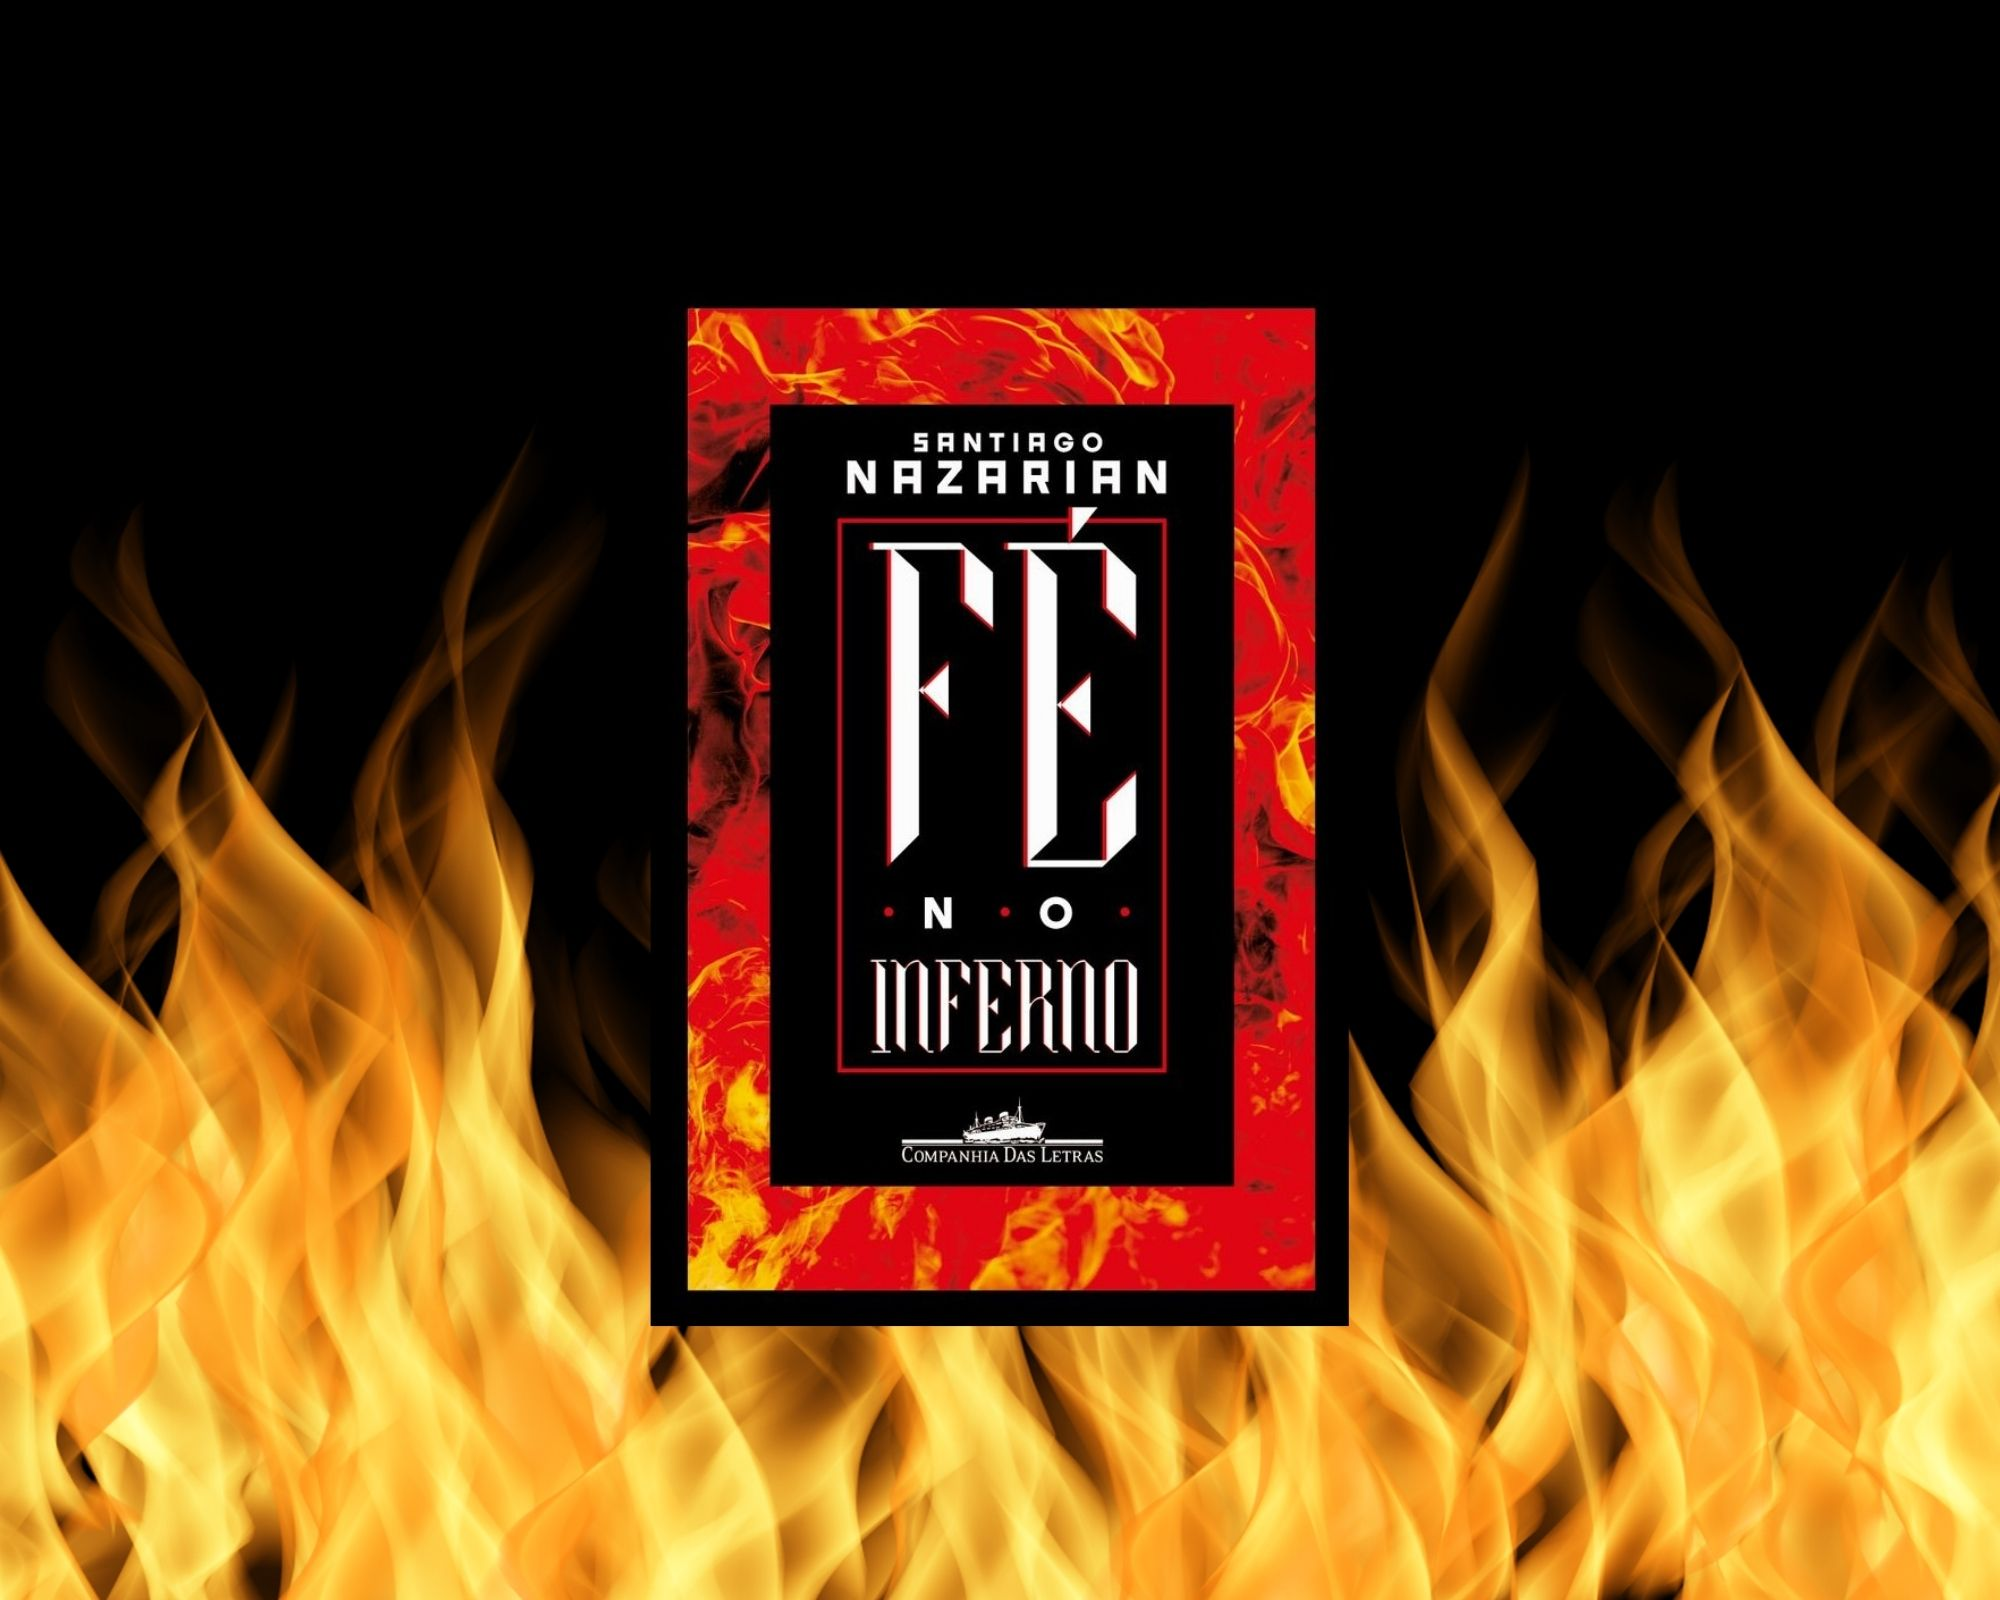 Dica de Leitura: Fé no Inferno